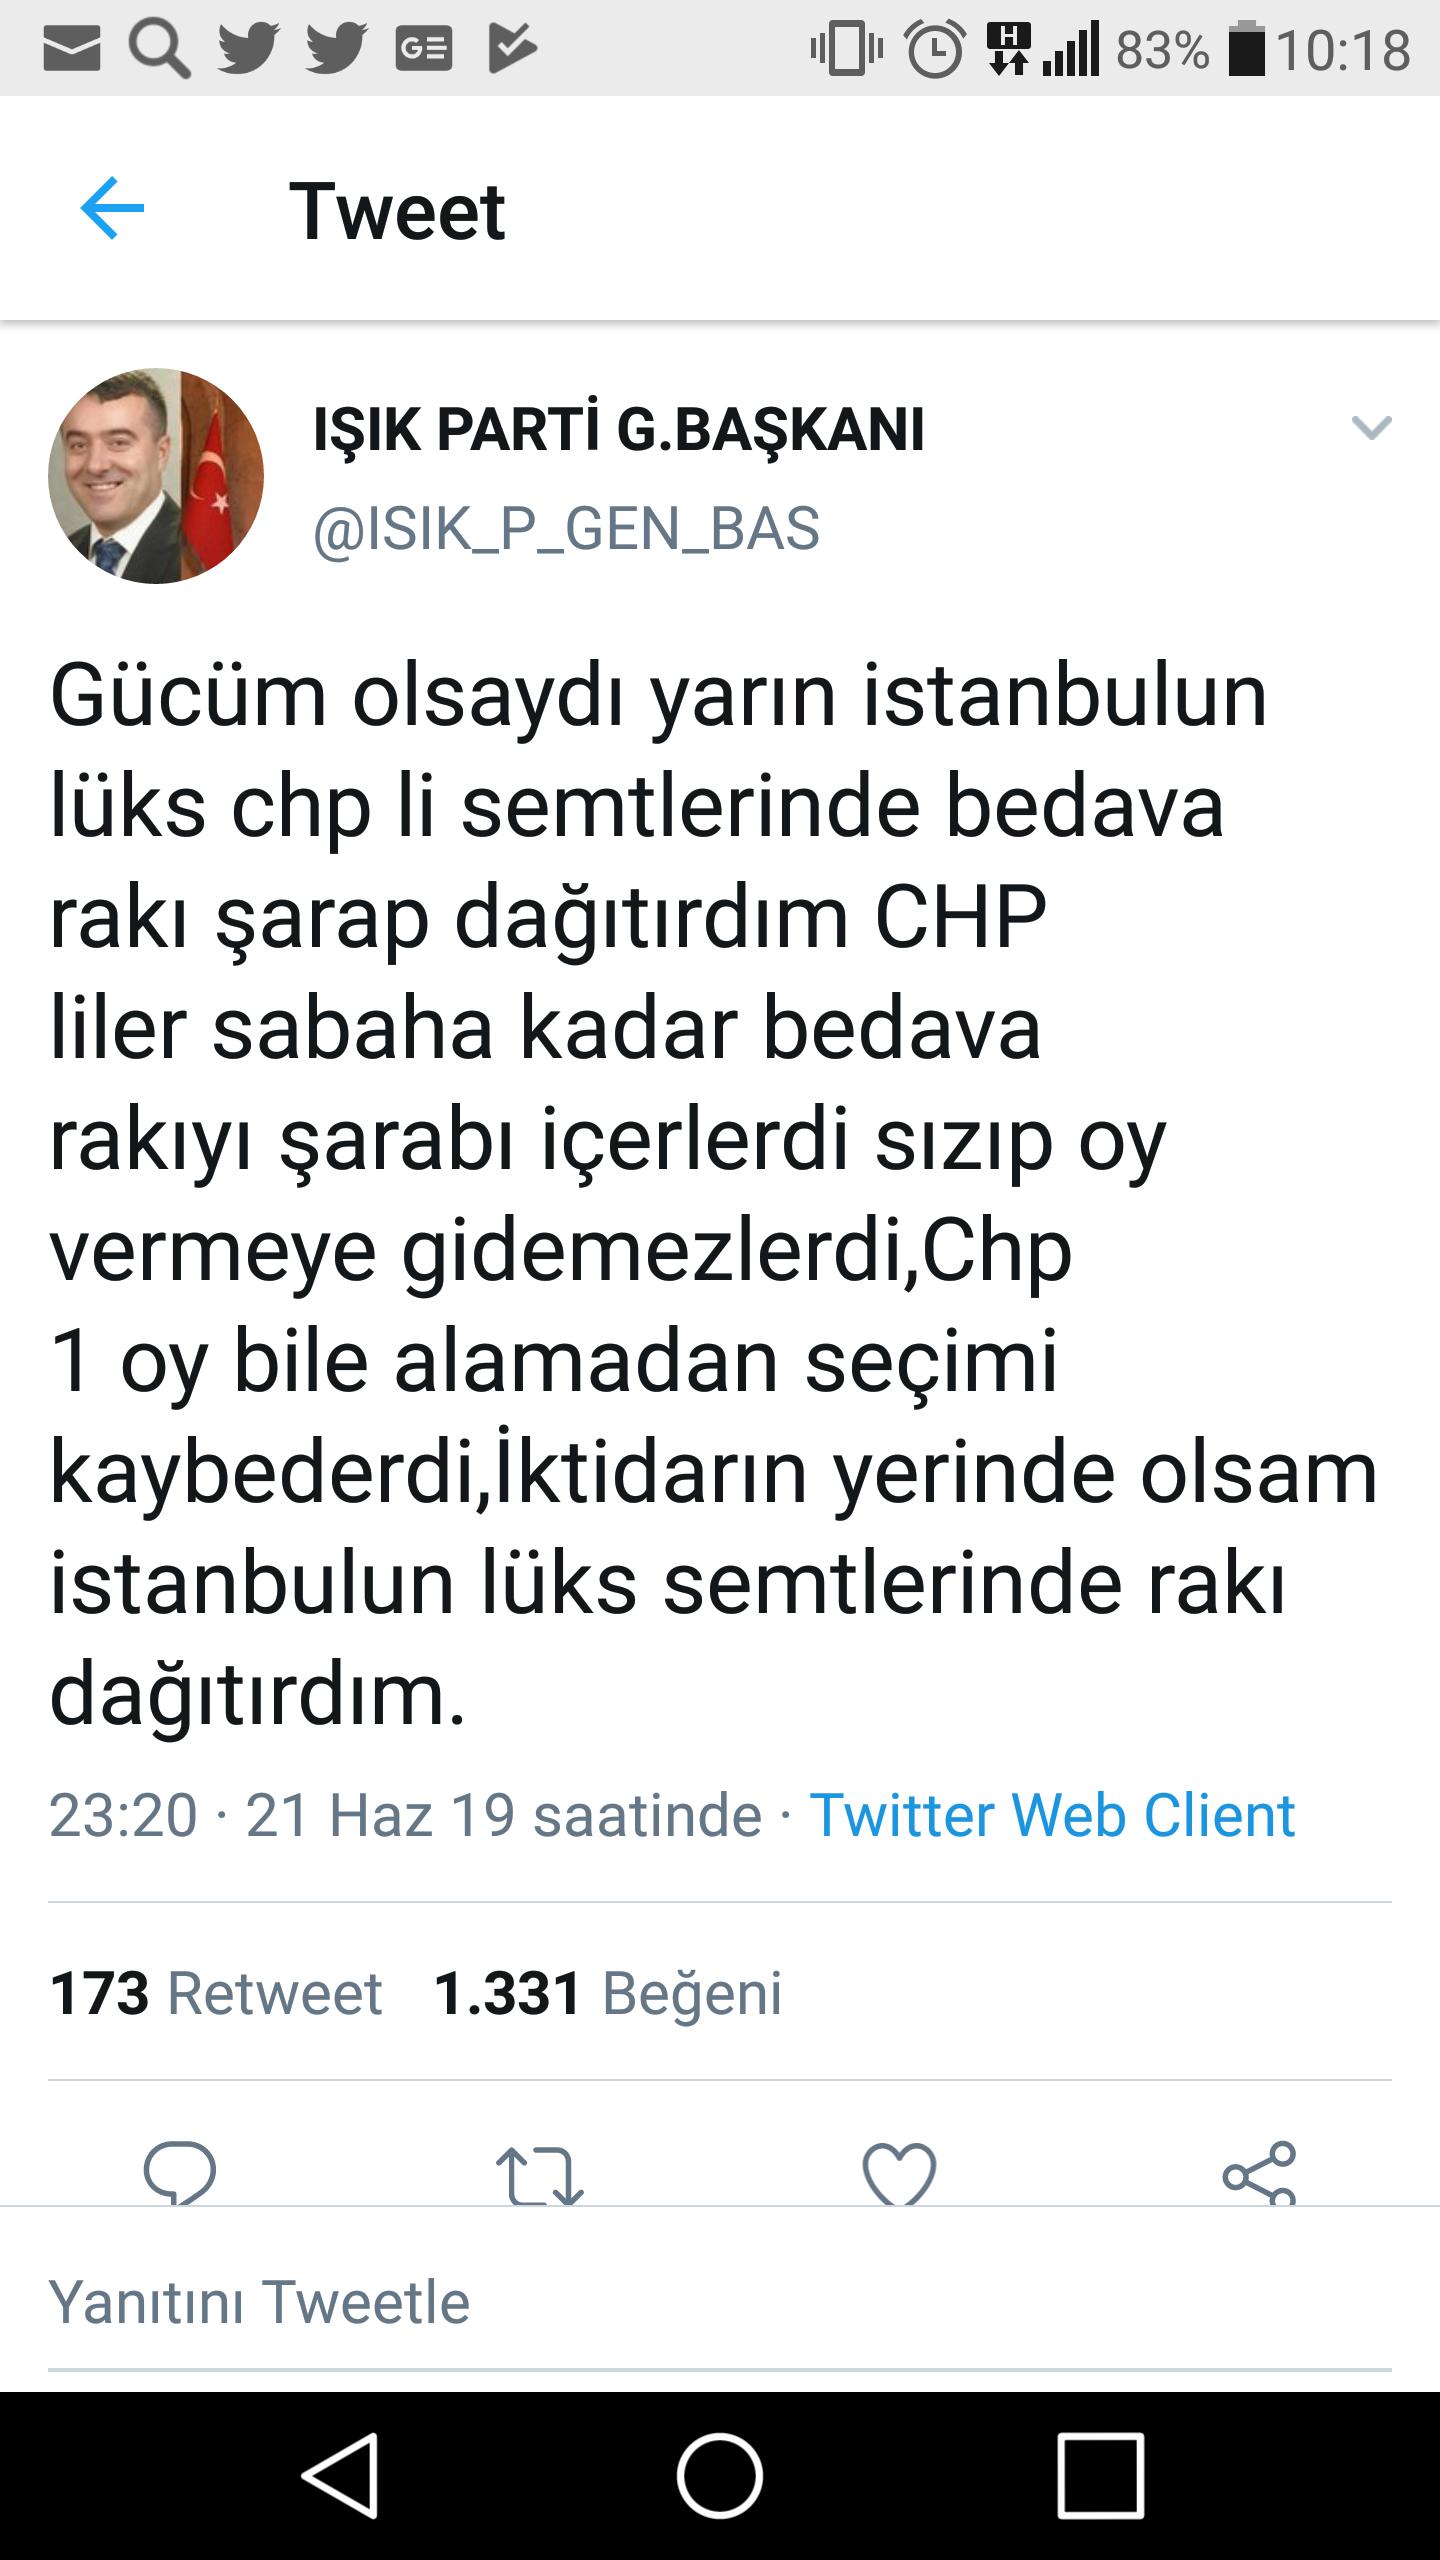 ışık partisi genel başkanın akıl dolu tweeti